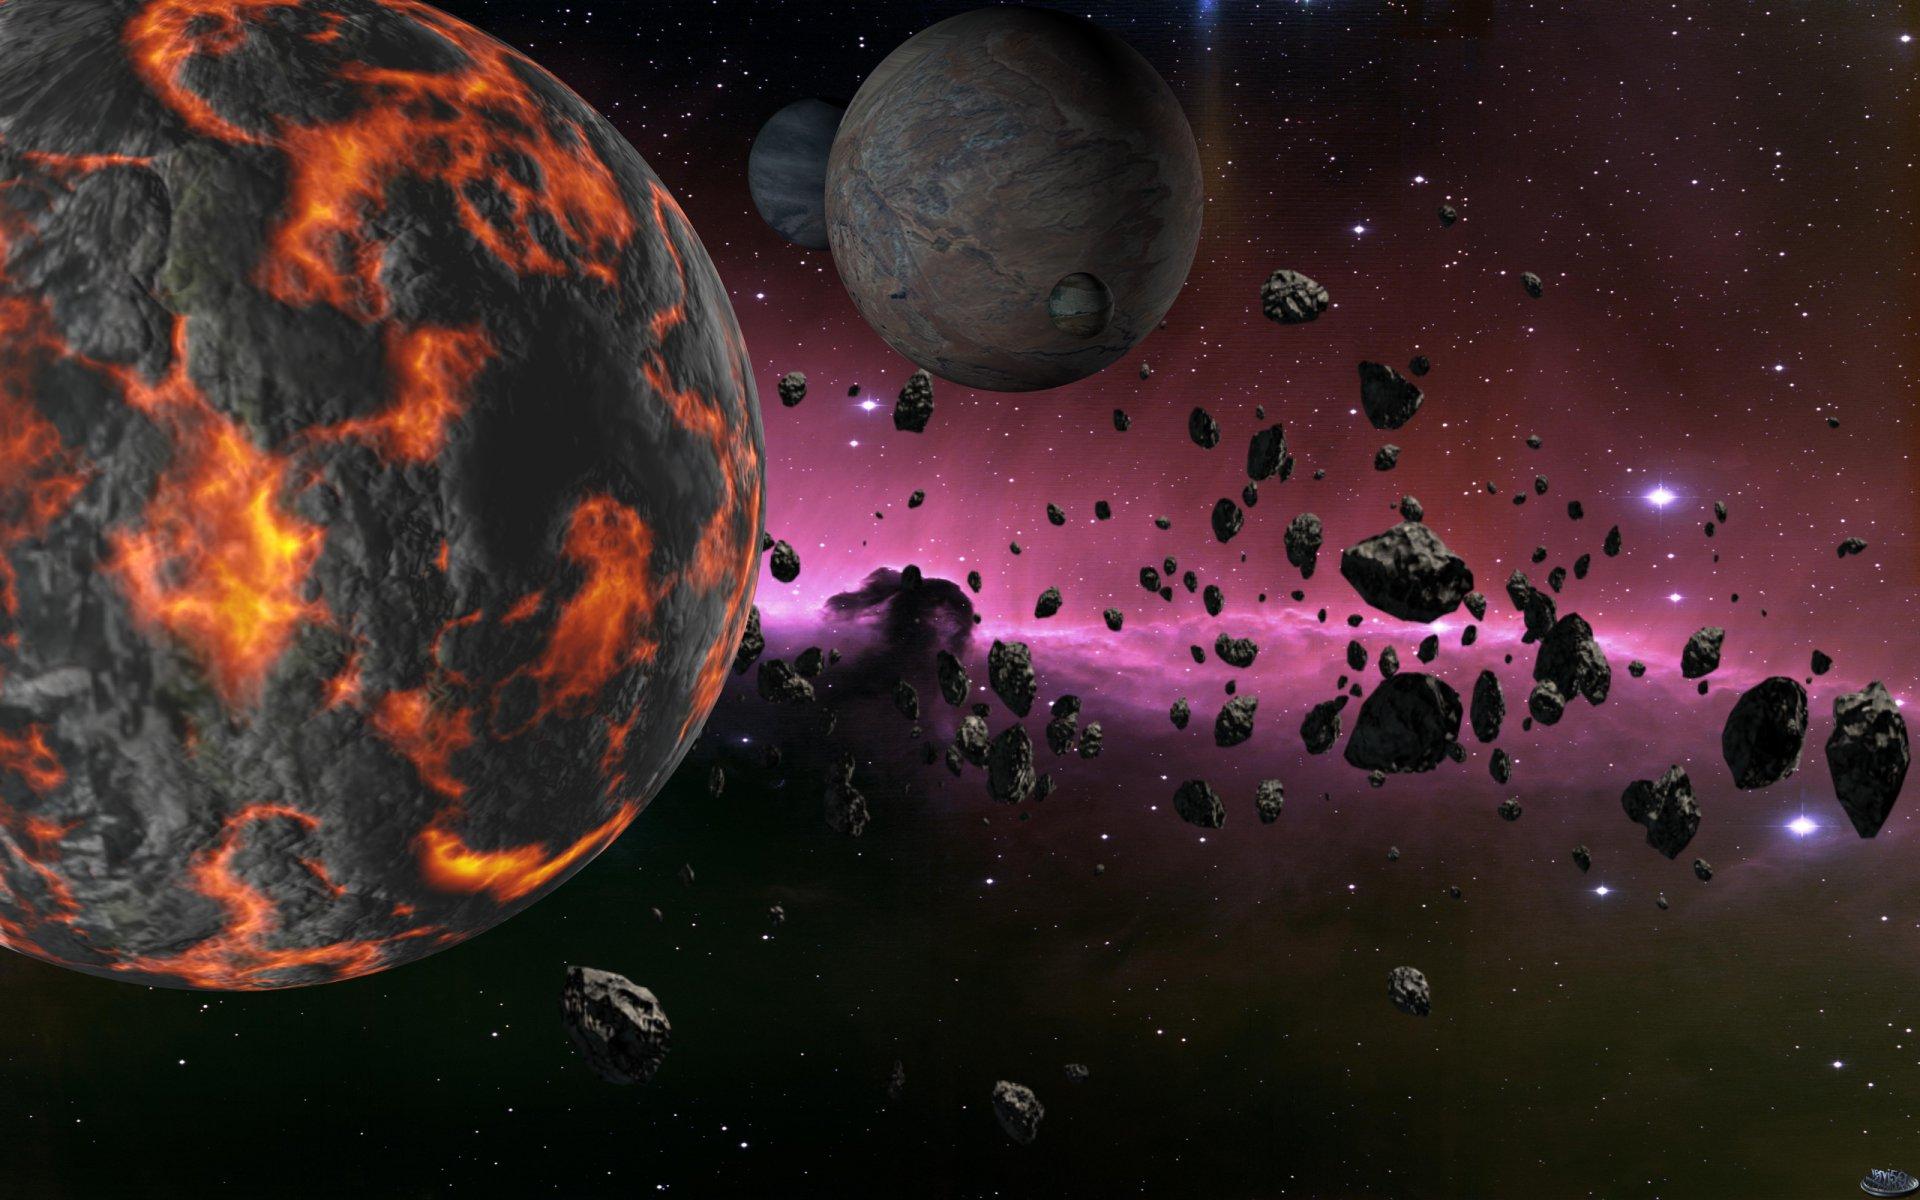 платье облако живые фотографии планет солнечной системы последнее время банк